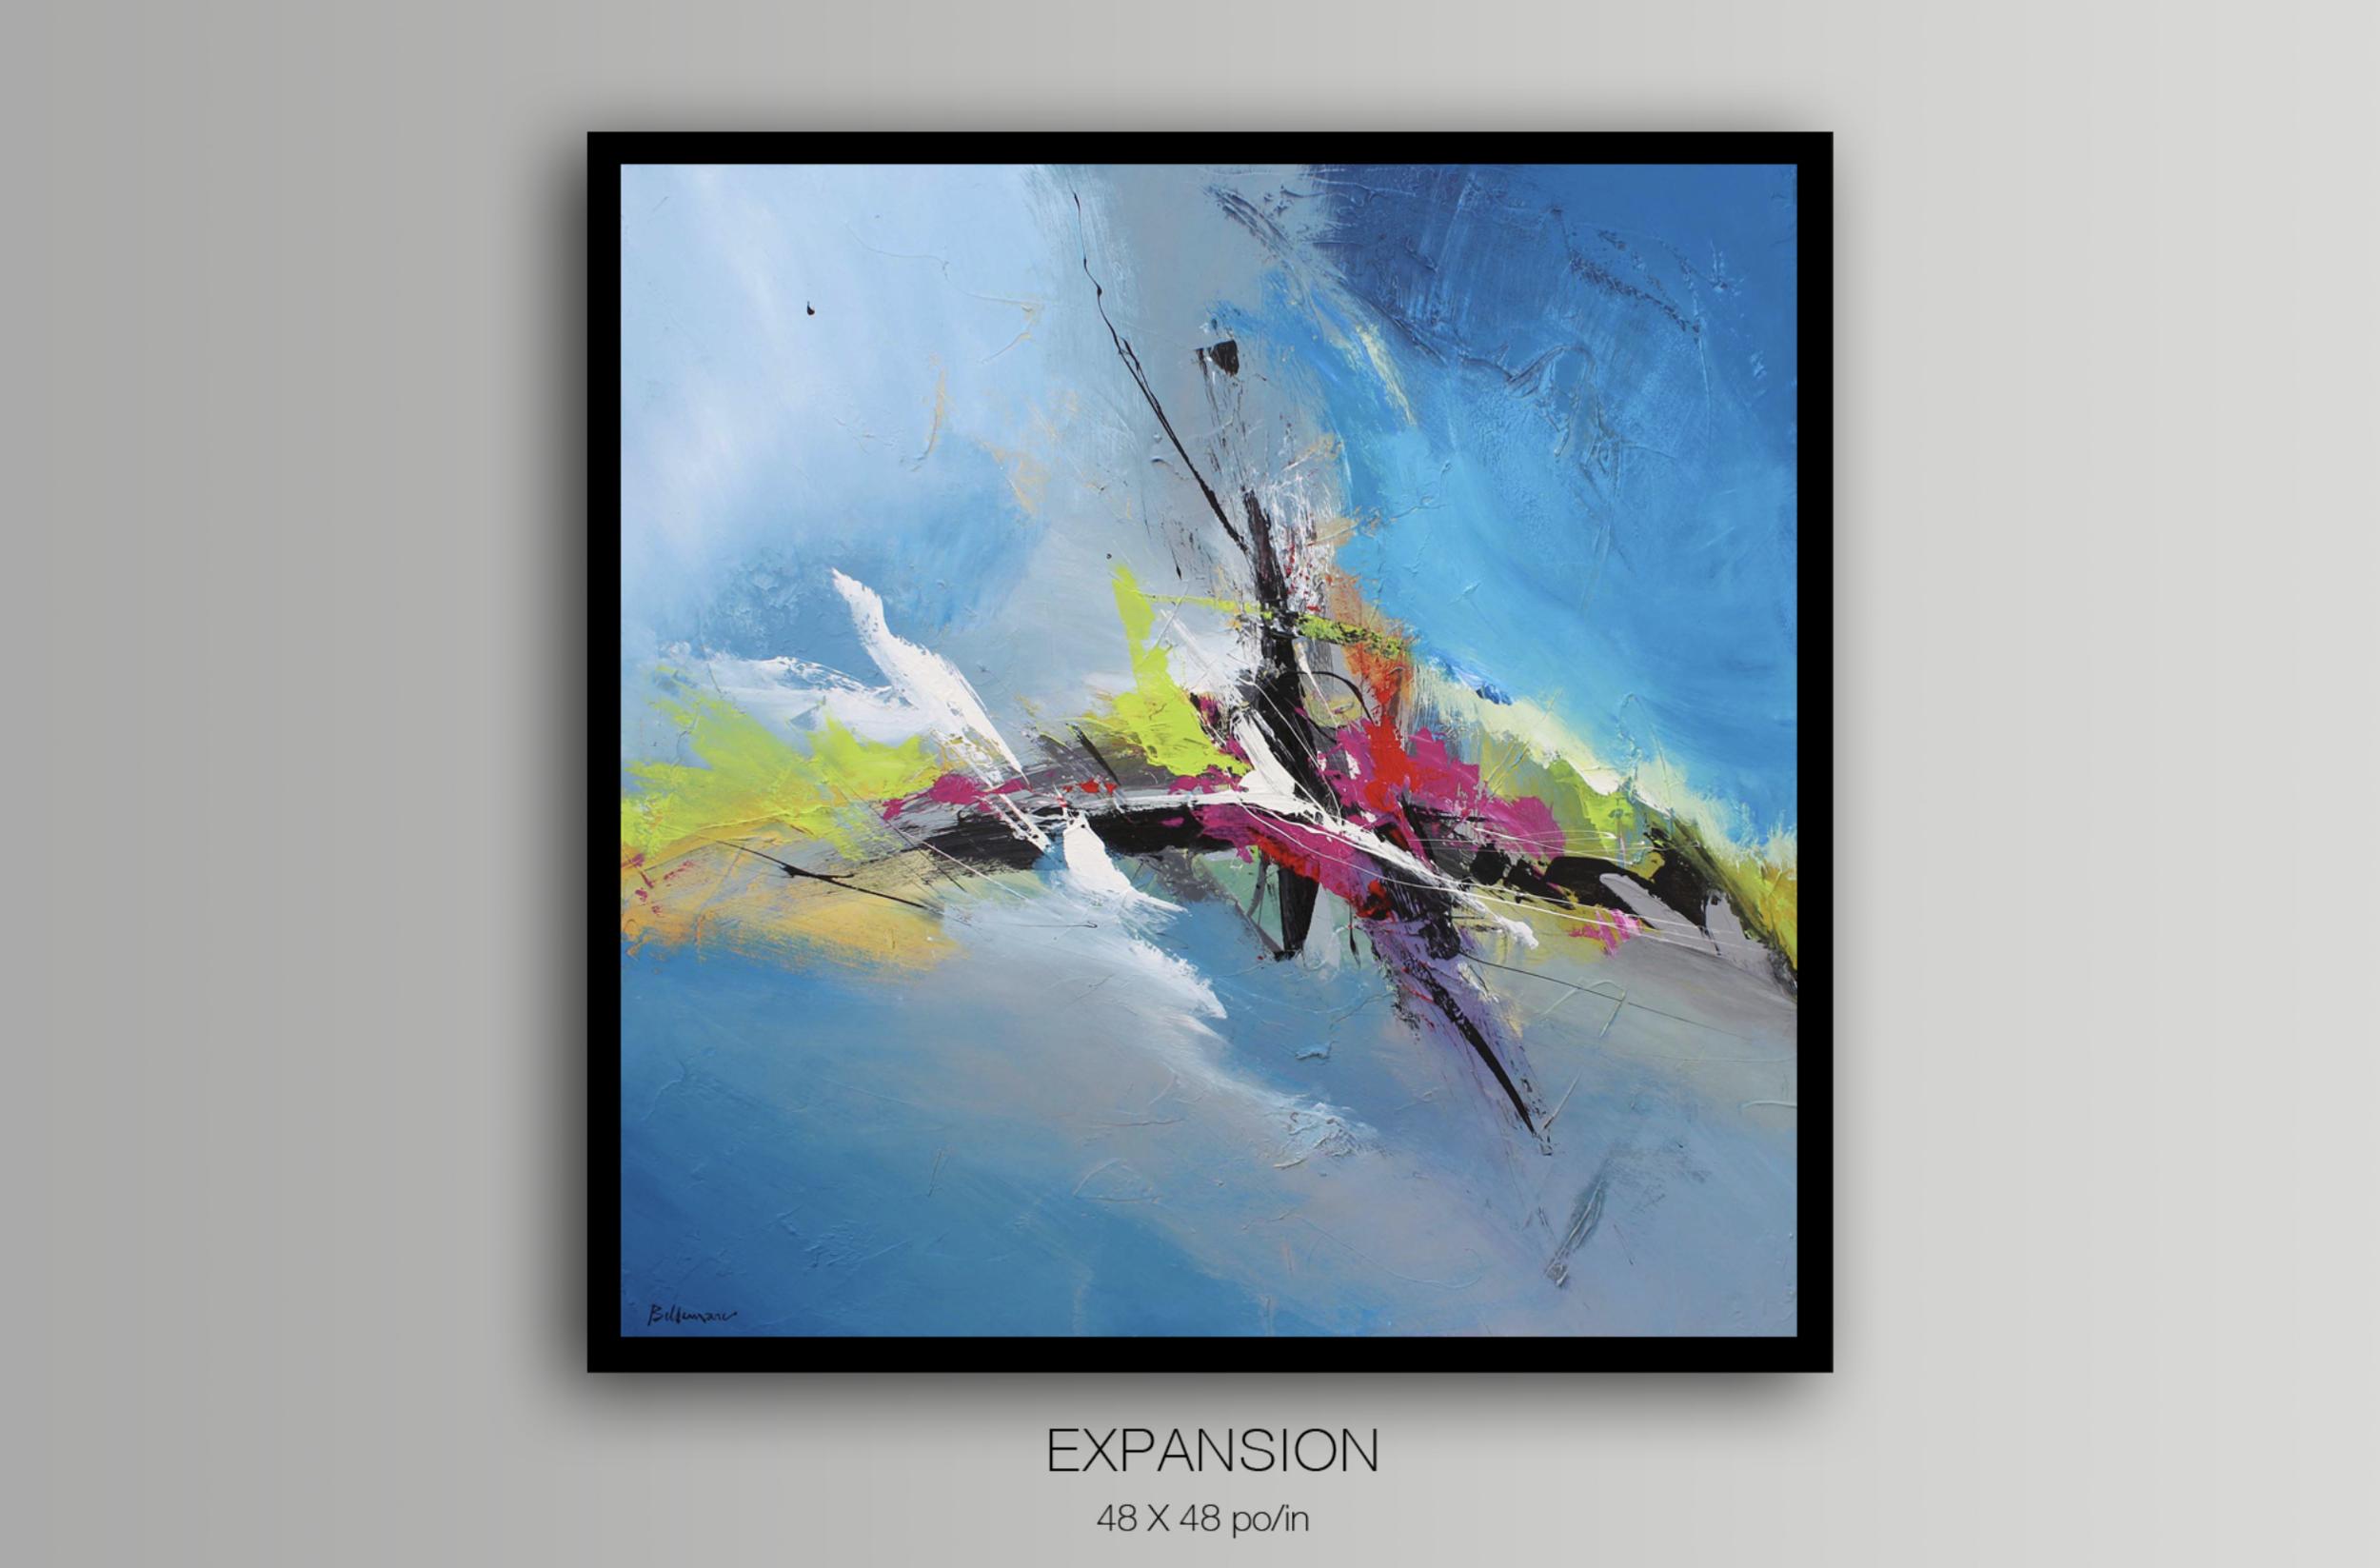 Expansion / 121,92 x 121,92 cm